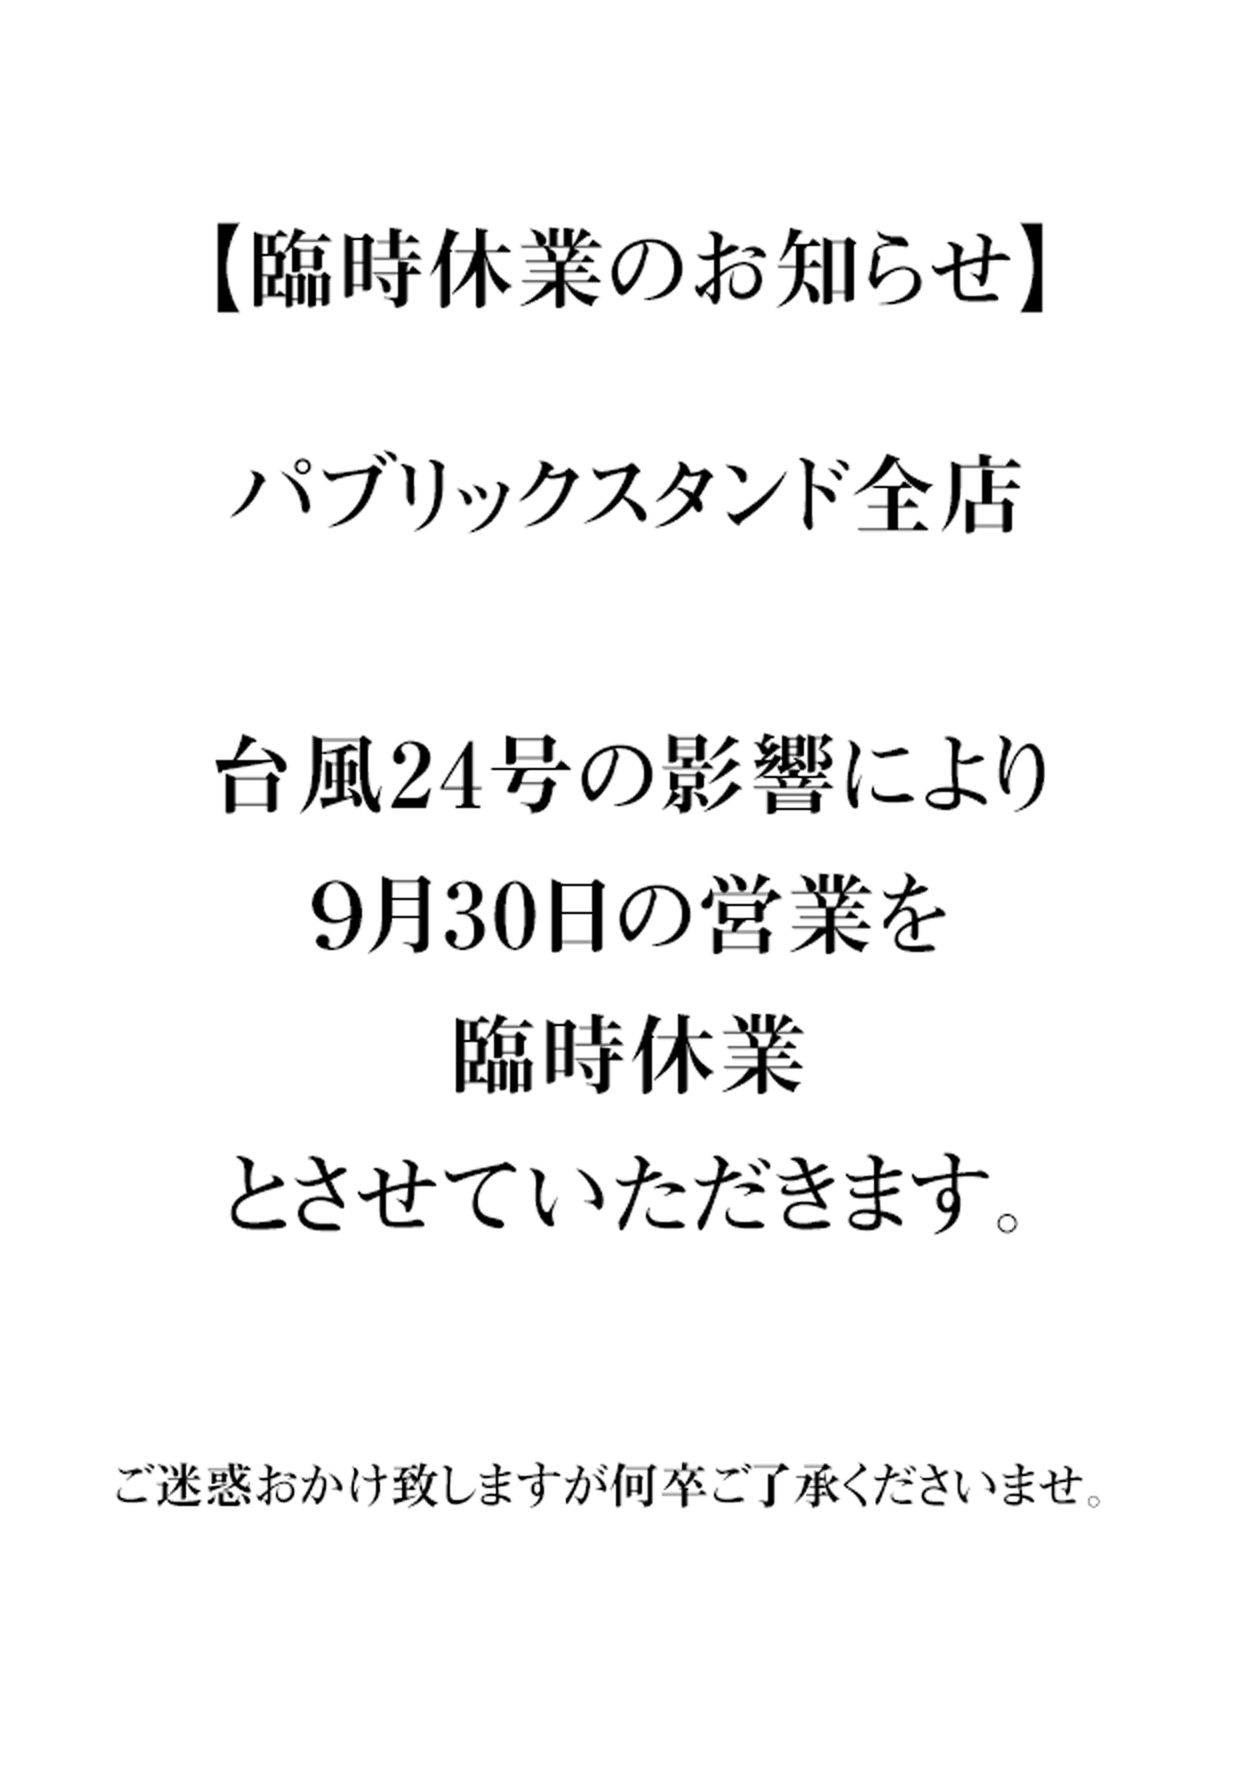 台風24号の影響による9月30日臨時休業のお知らせ【全店】